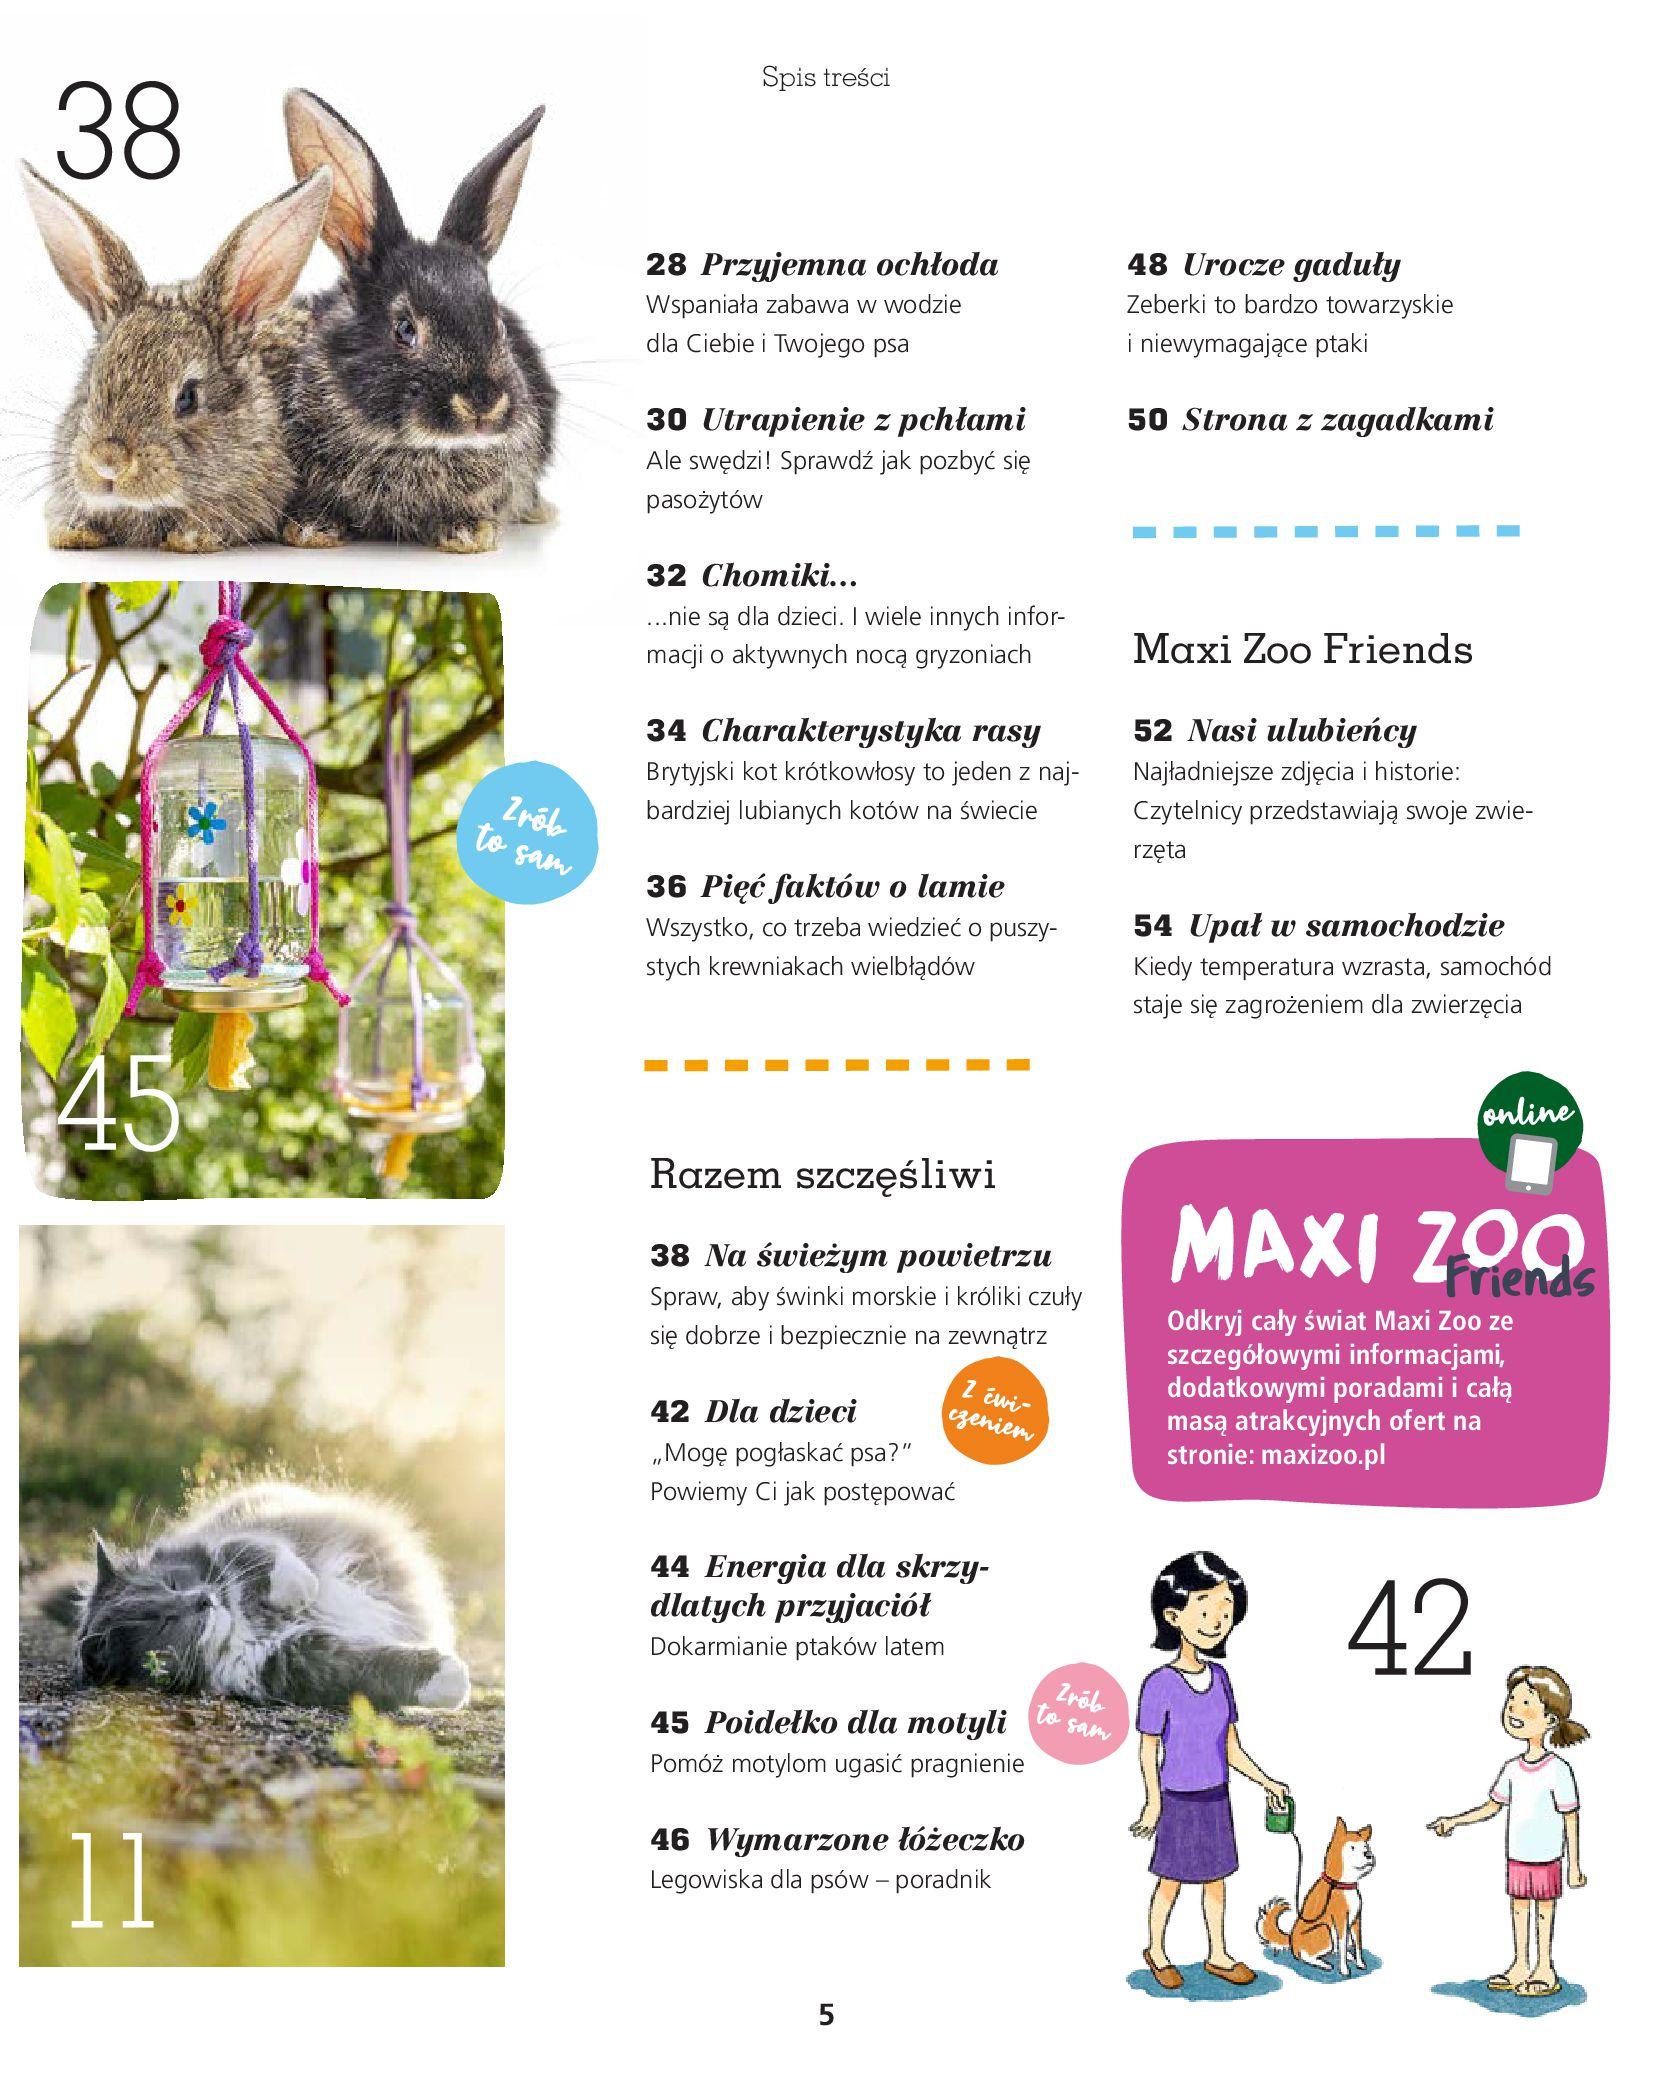 Gazetka Maxi Zoo: Gazetka Maxi Zoo - Friends 2021-05-18 page-5